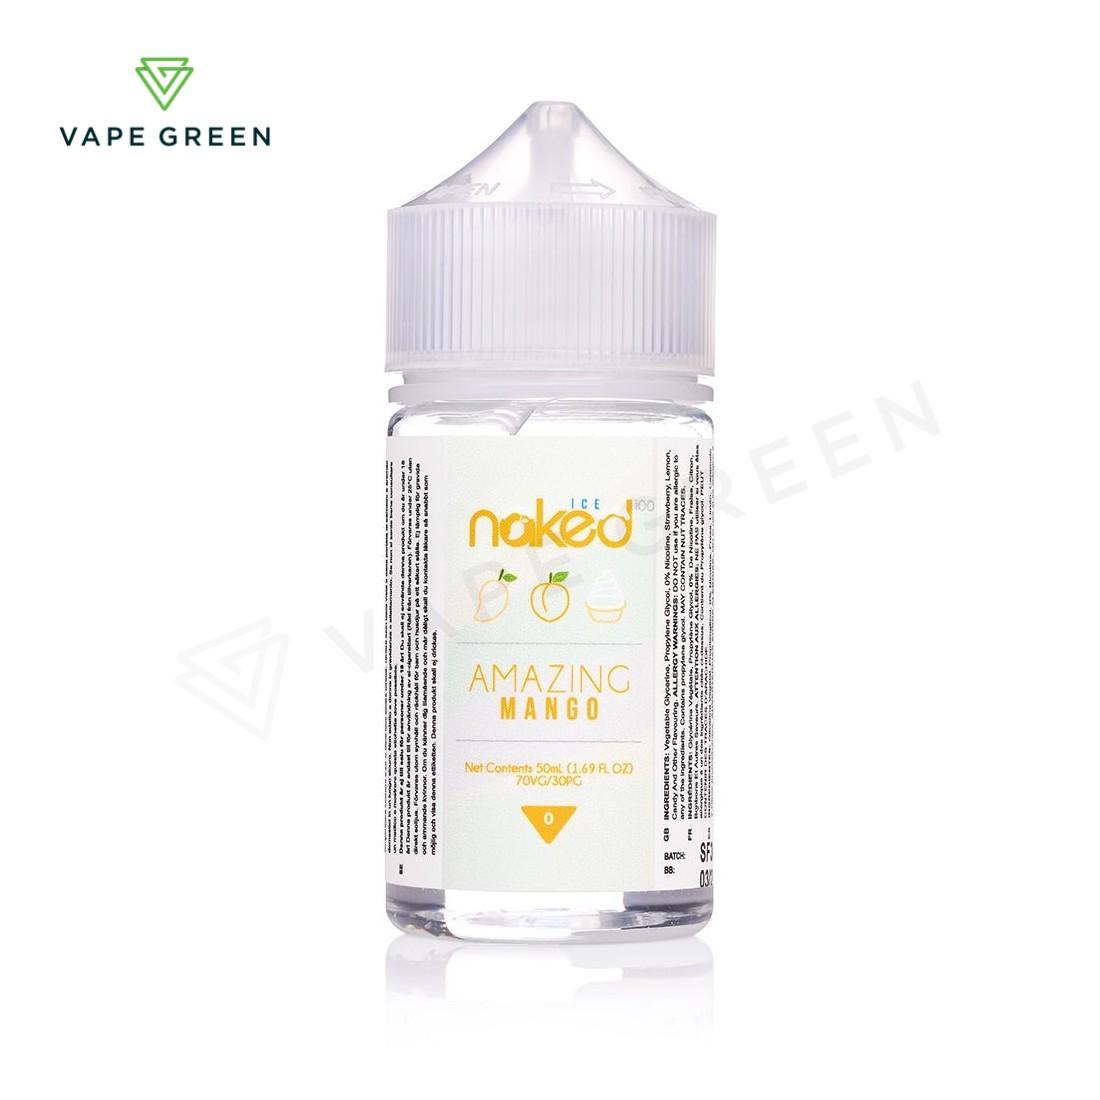 Amazing Mango Ice E-liquid by Naked 100 - 50ml